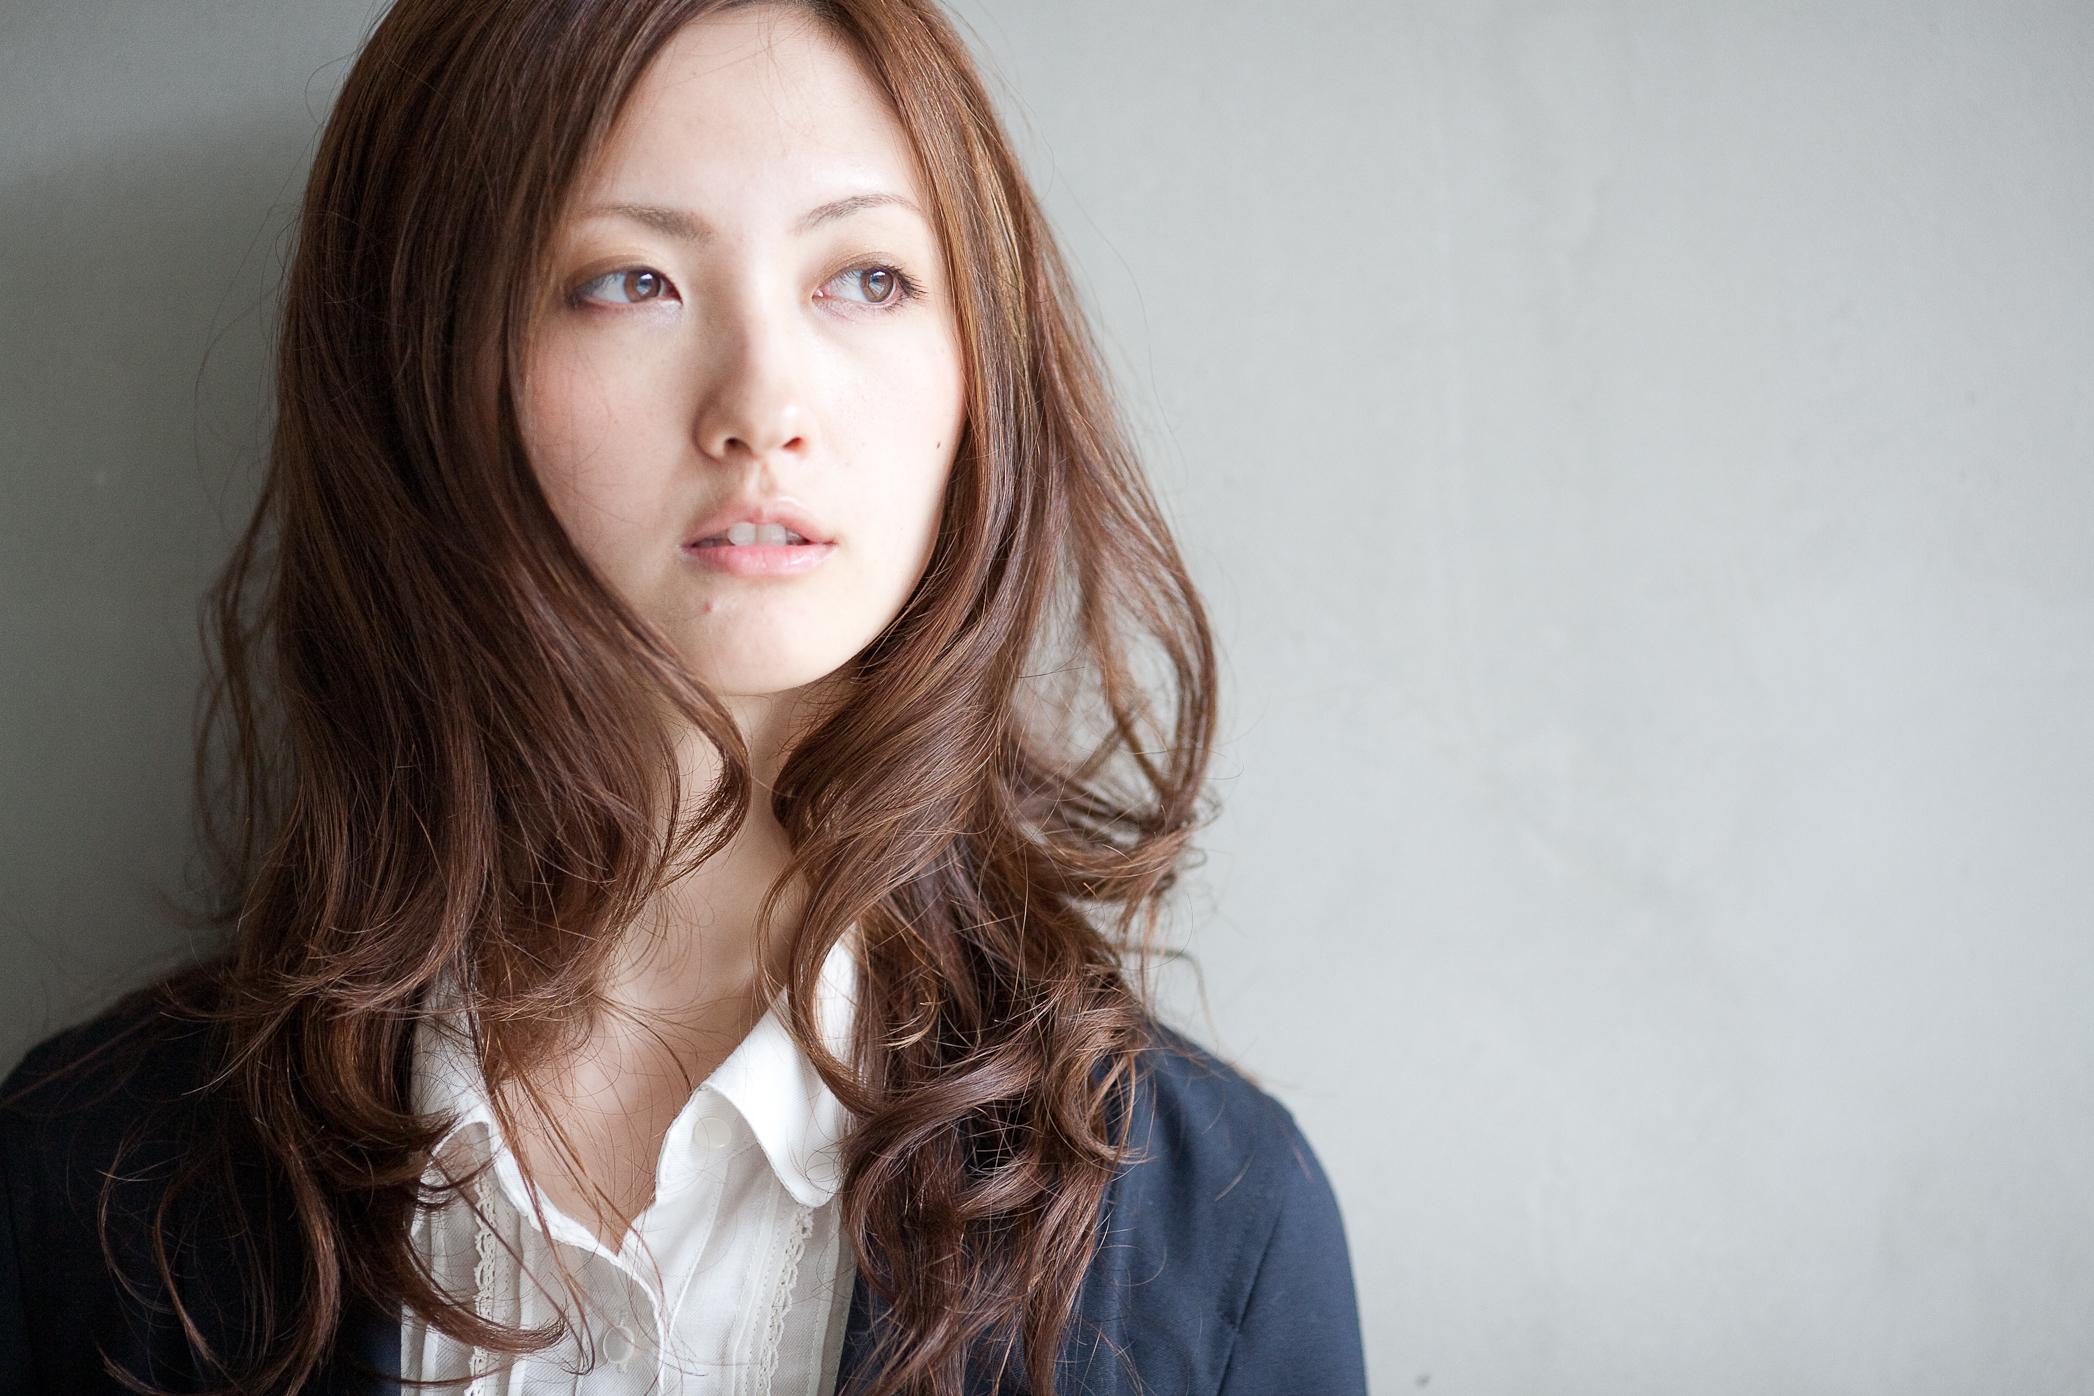 style_matsunaga-34 (2).jpg